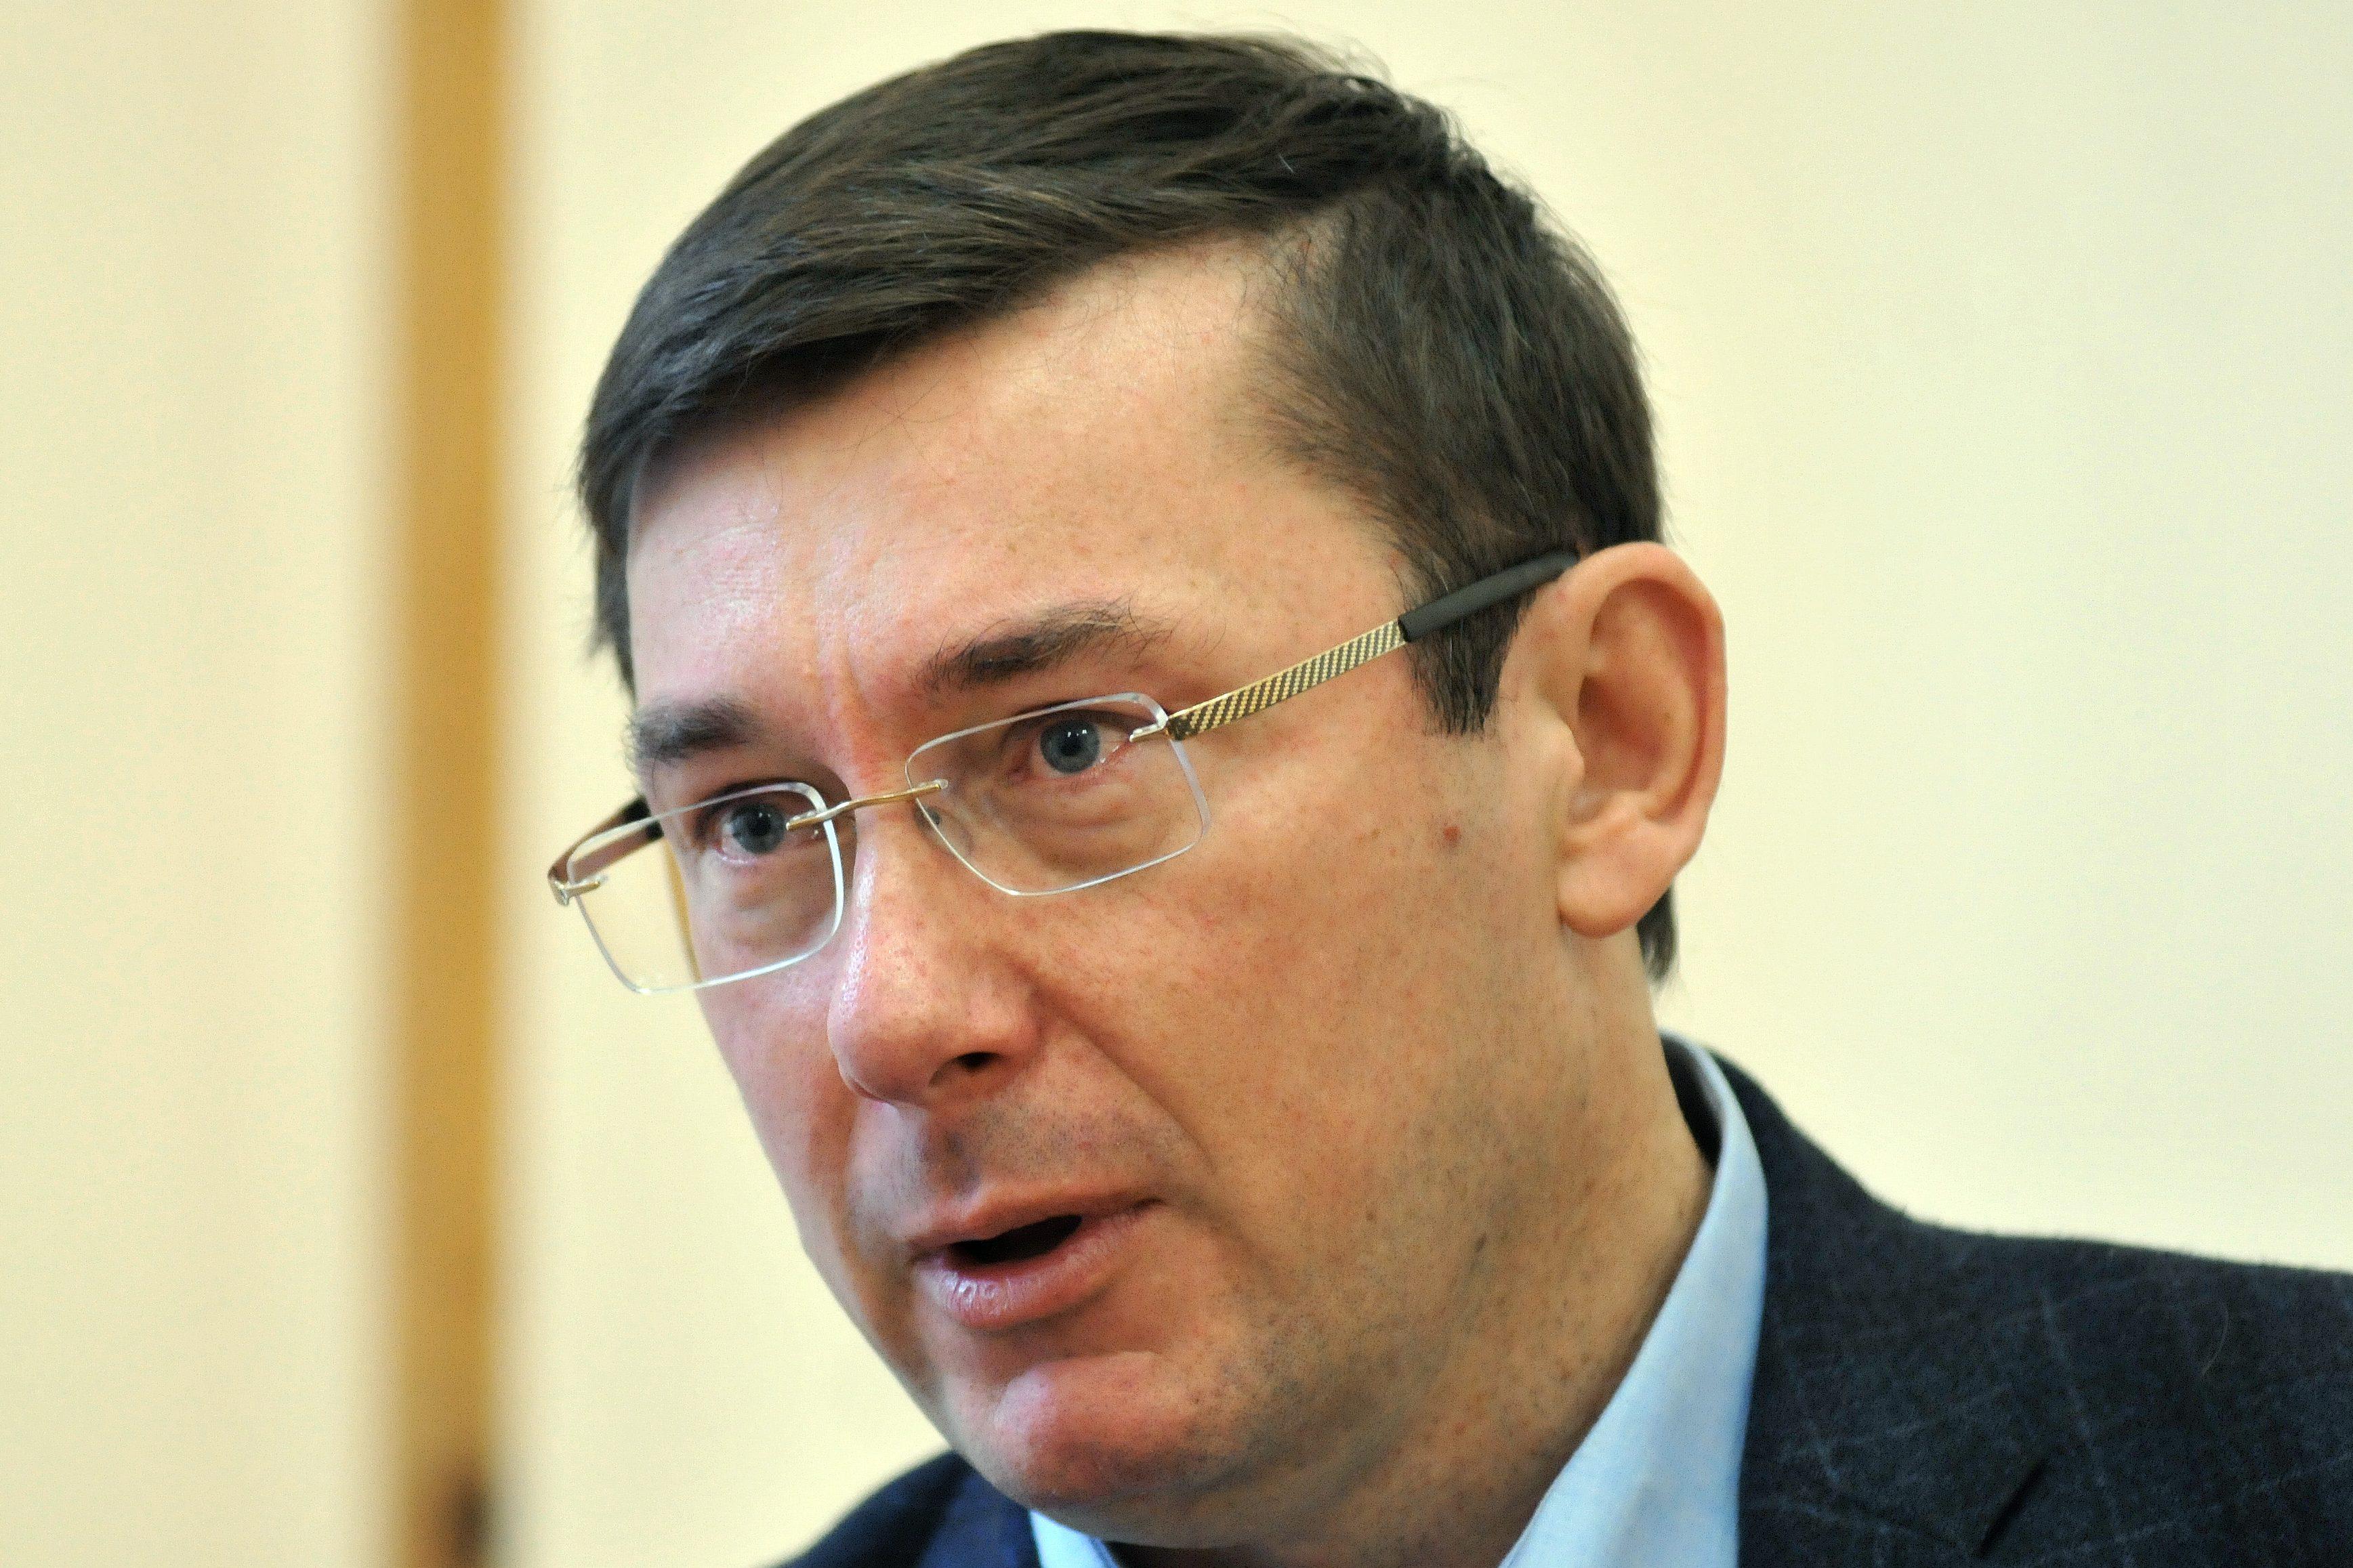 ГПУ активизировала дело против судей Конституционного суда, которые помогли Януковичу узурпировать власть